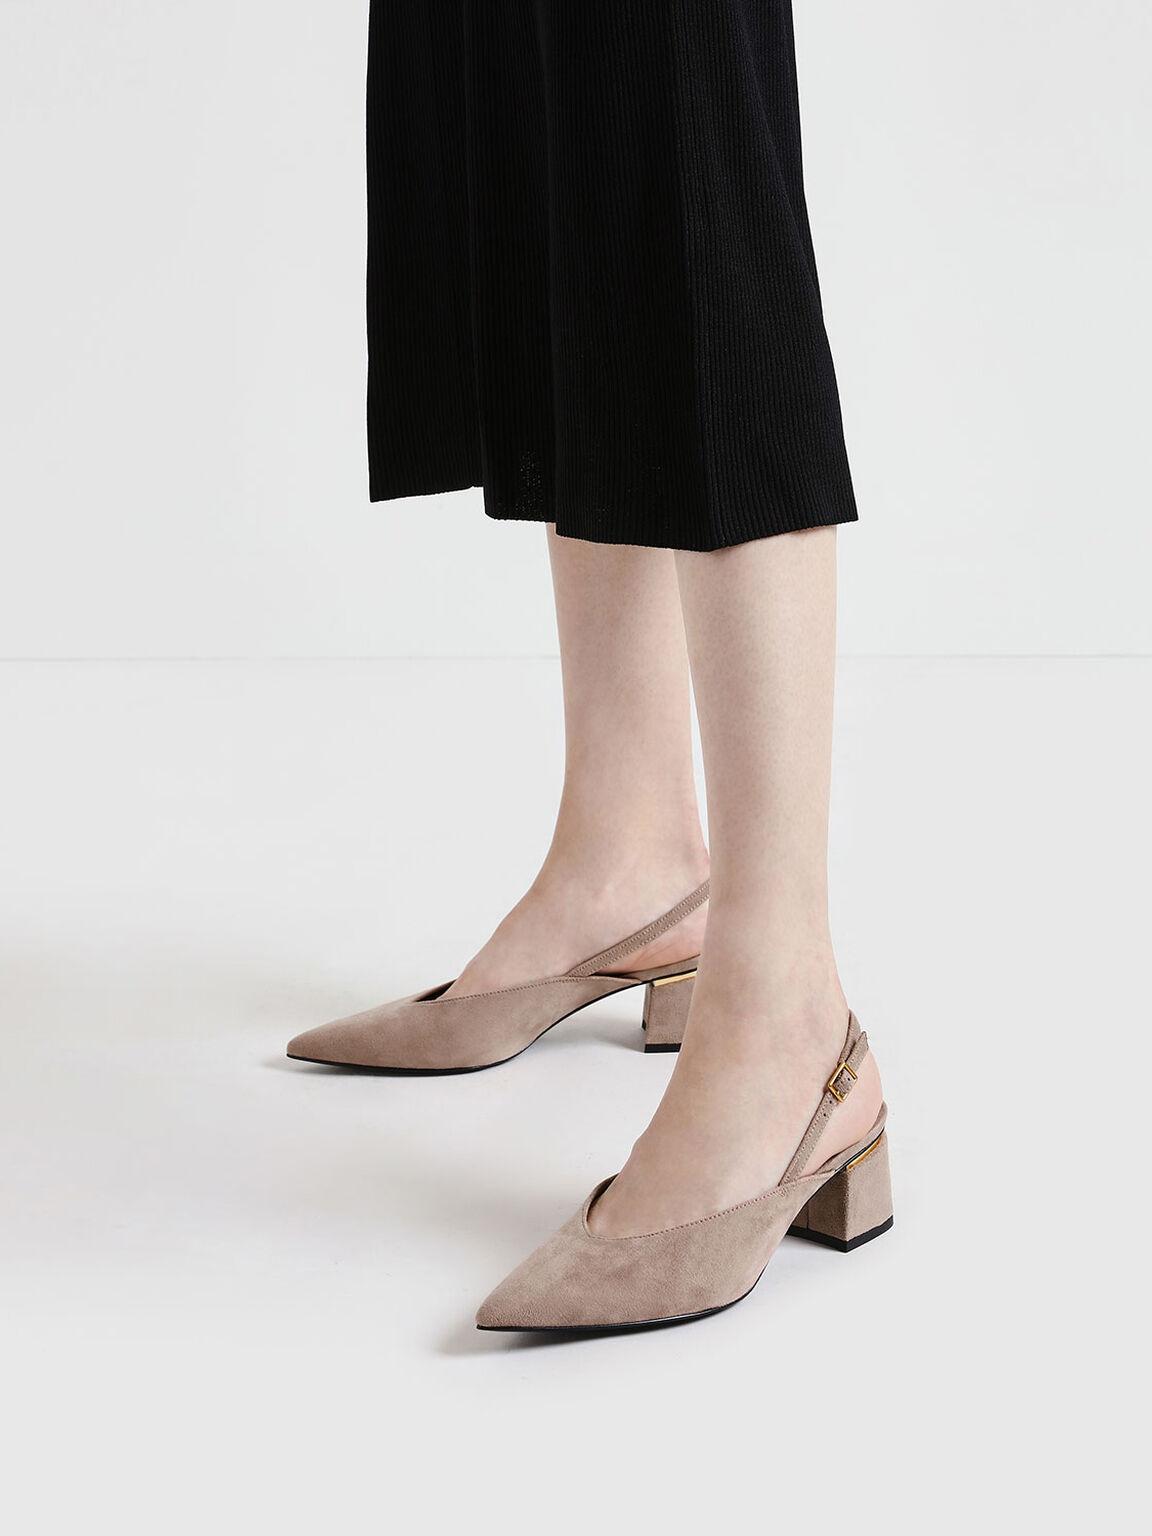 V-Cut Block Heel Textured Slingback Pumps, Nude, hi-res